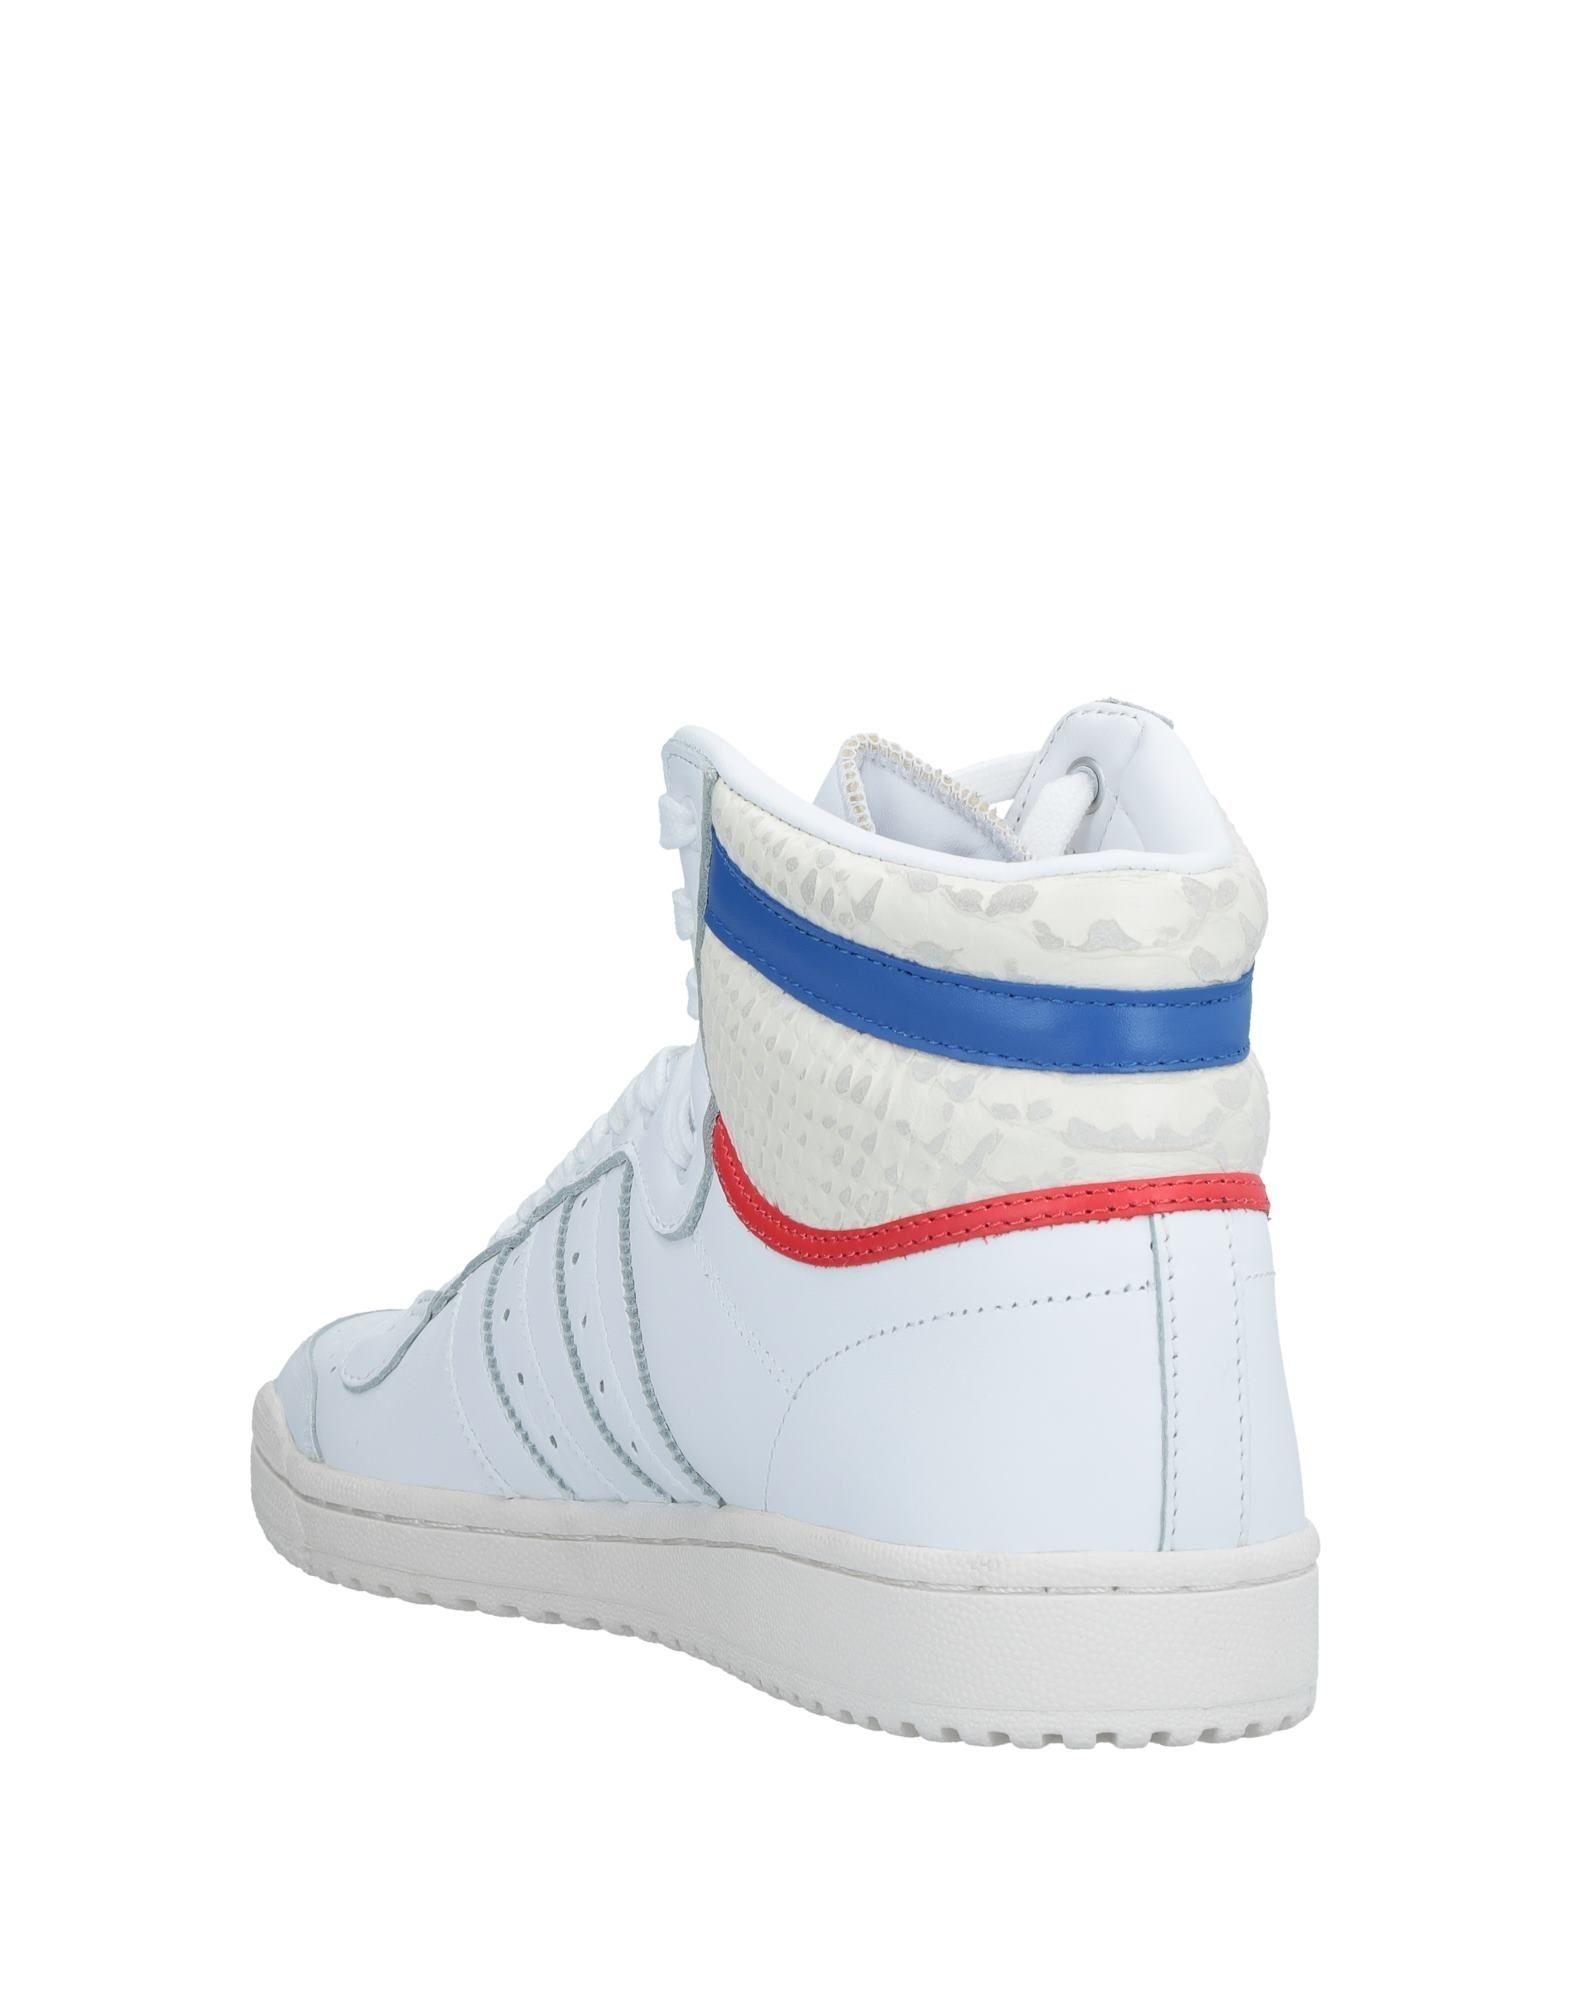 Rabatt echte Schuhe  Adidas Originals Sneakers Herren  Schuhe 11535262QP 8af459